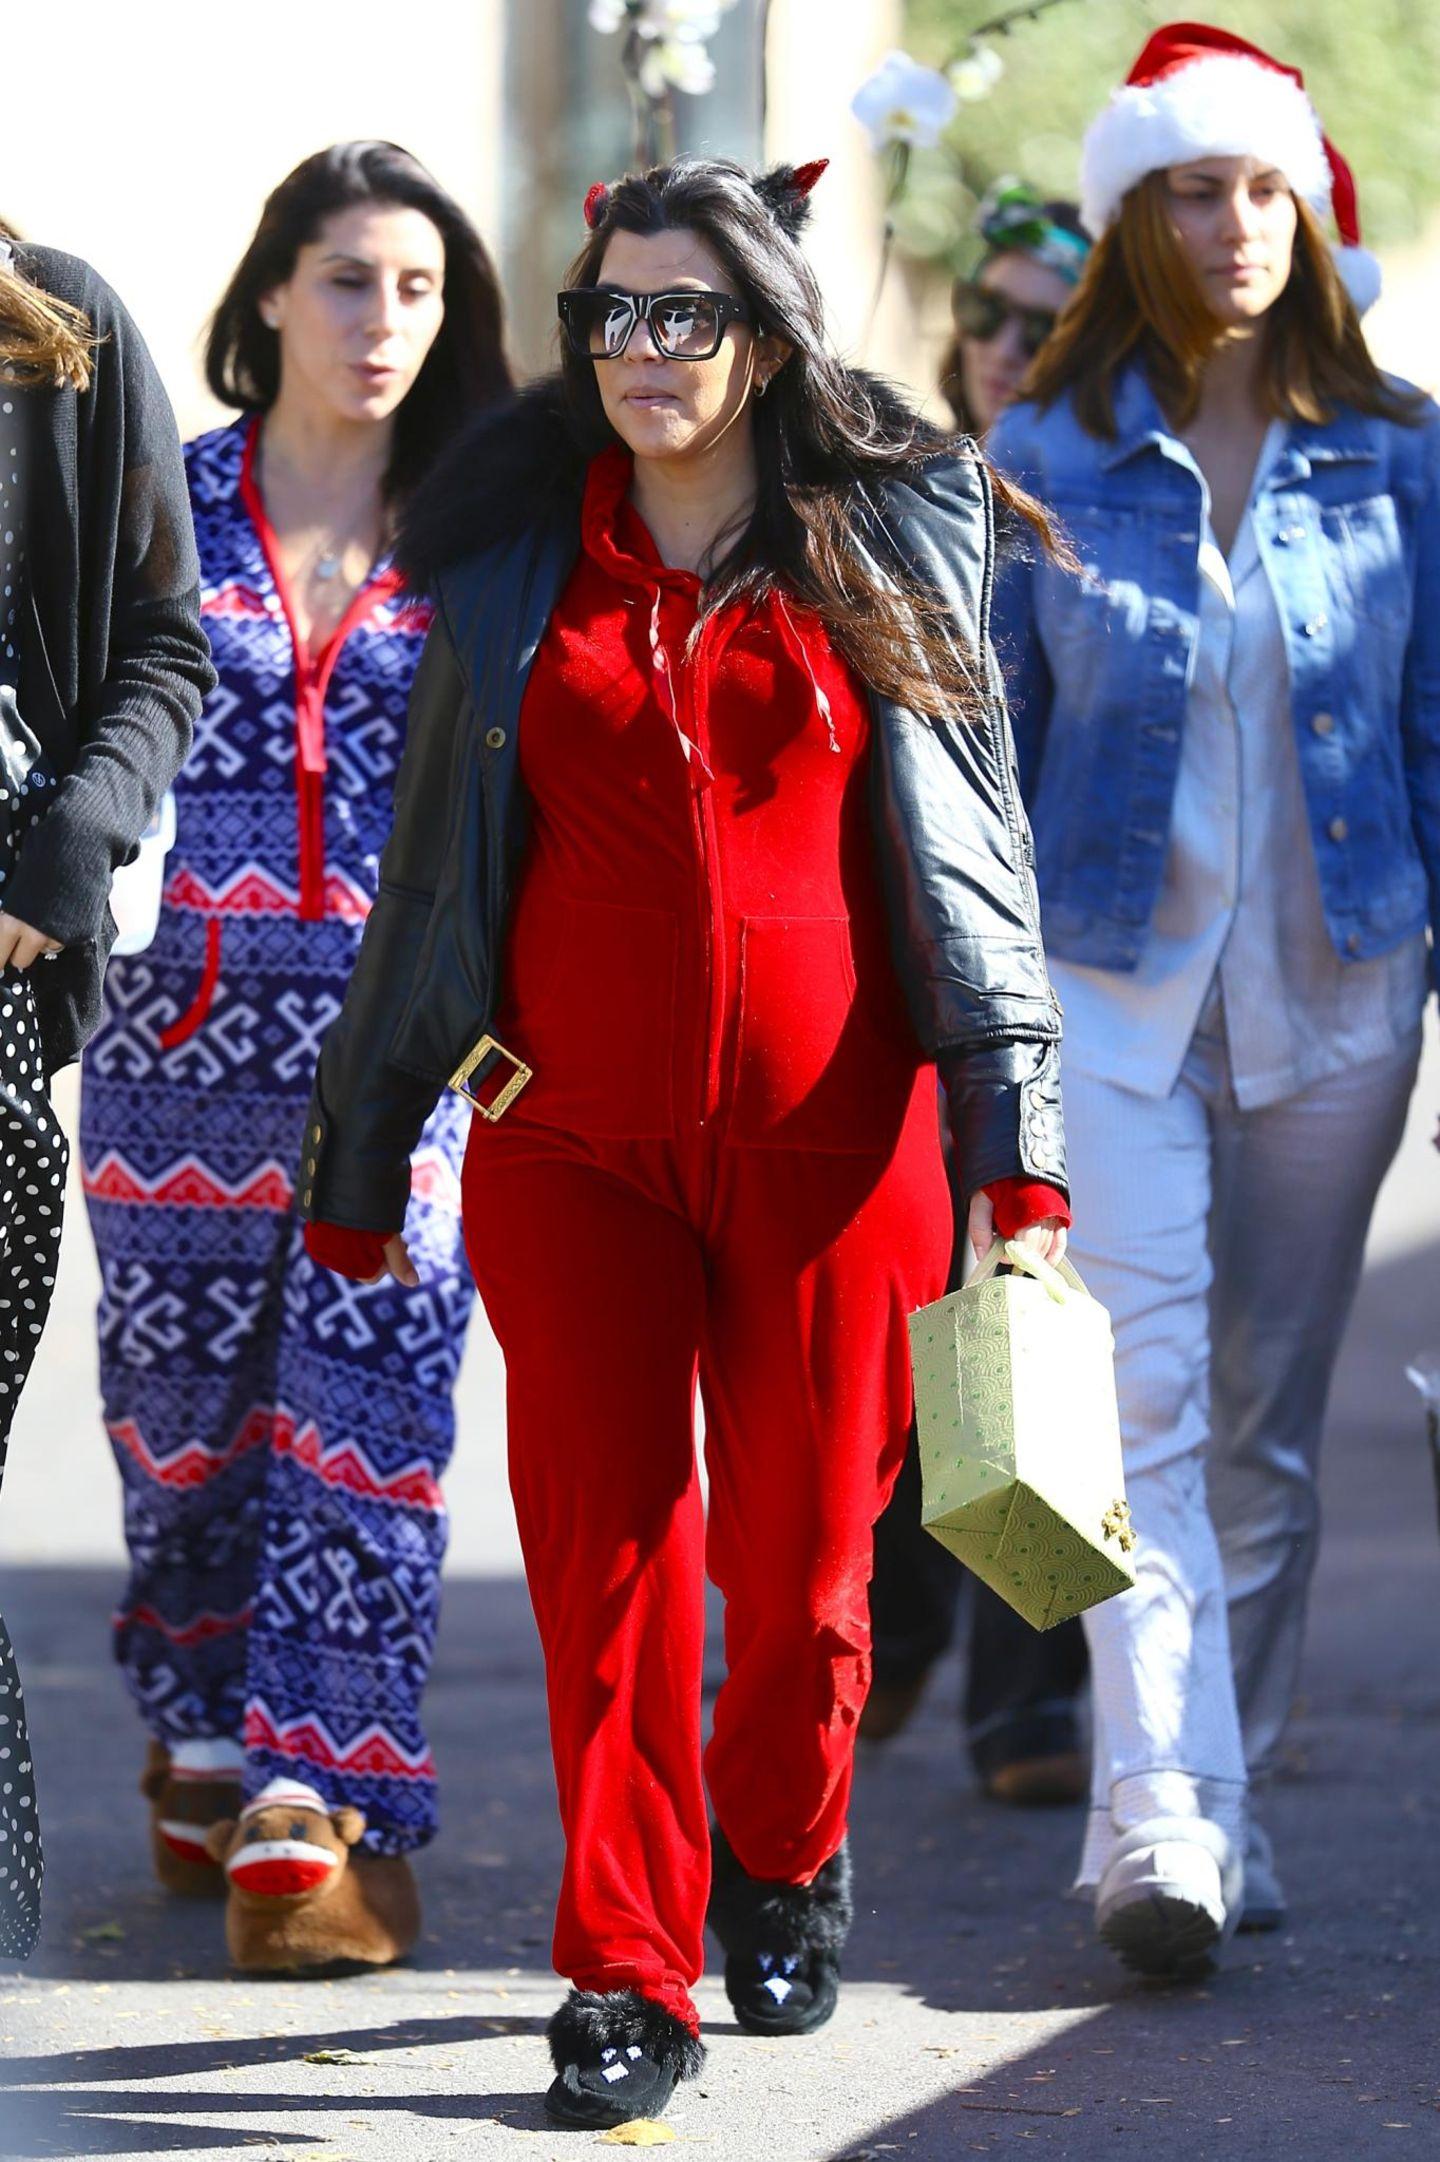 16. November 2014: Im Onesie und mit Teufelshörnern im Haar feiert Kourtney Kardashian in Los Angeles mit Freundinnen ihre Baby-Party.